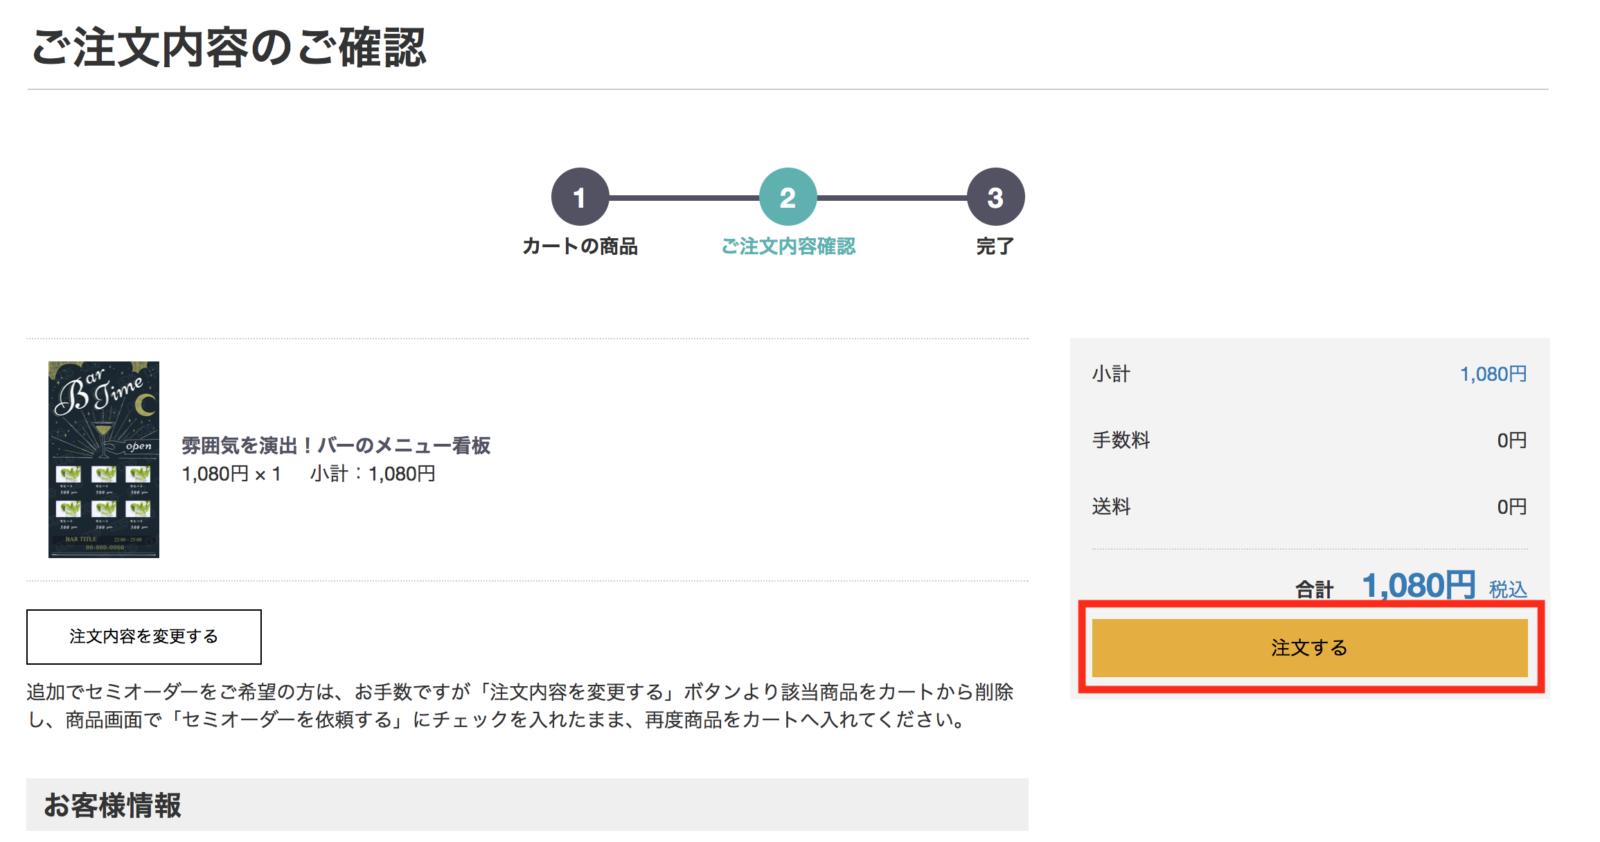 デジタルサイネージテンプレートのダウンロード方法